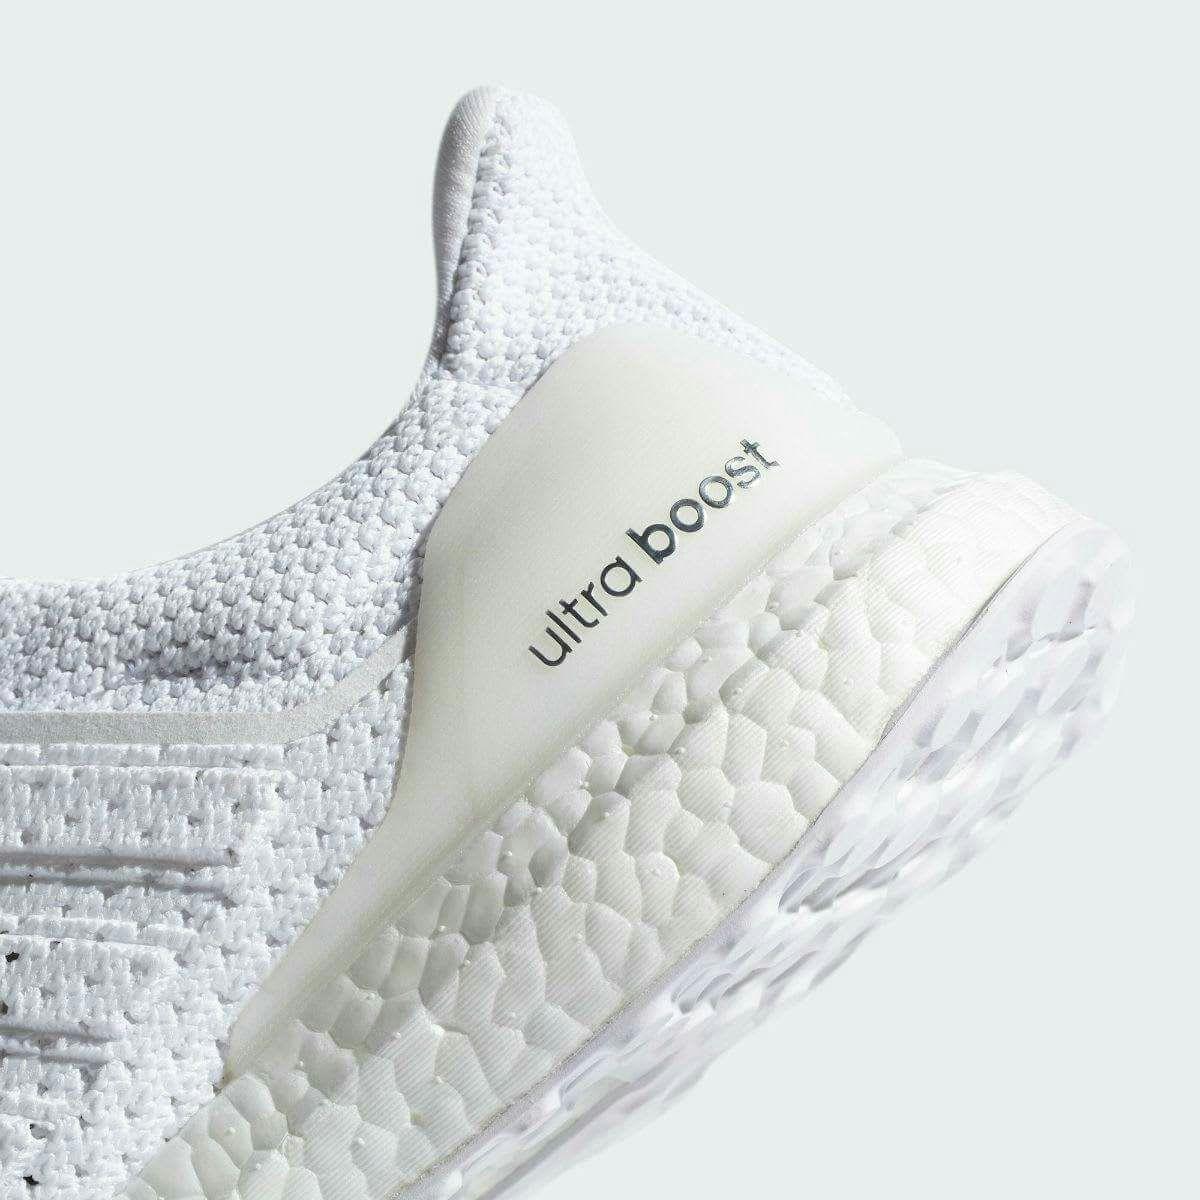 15 Euro Rabatt Sportscheck z. B. auf Adidas Ultraboost 4.0